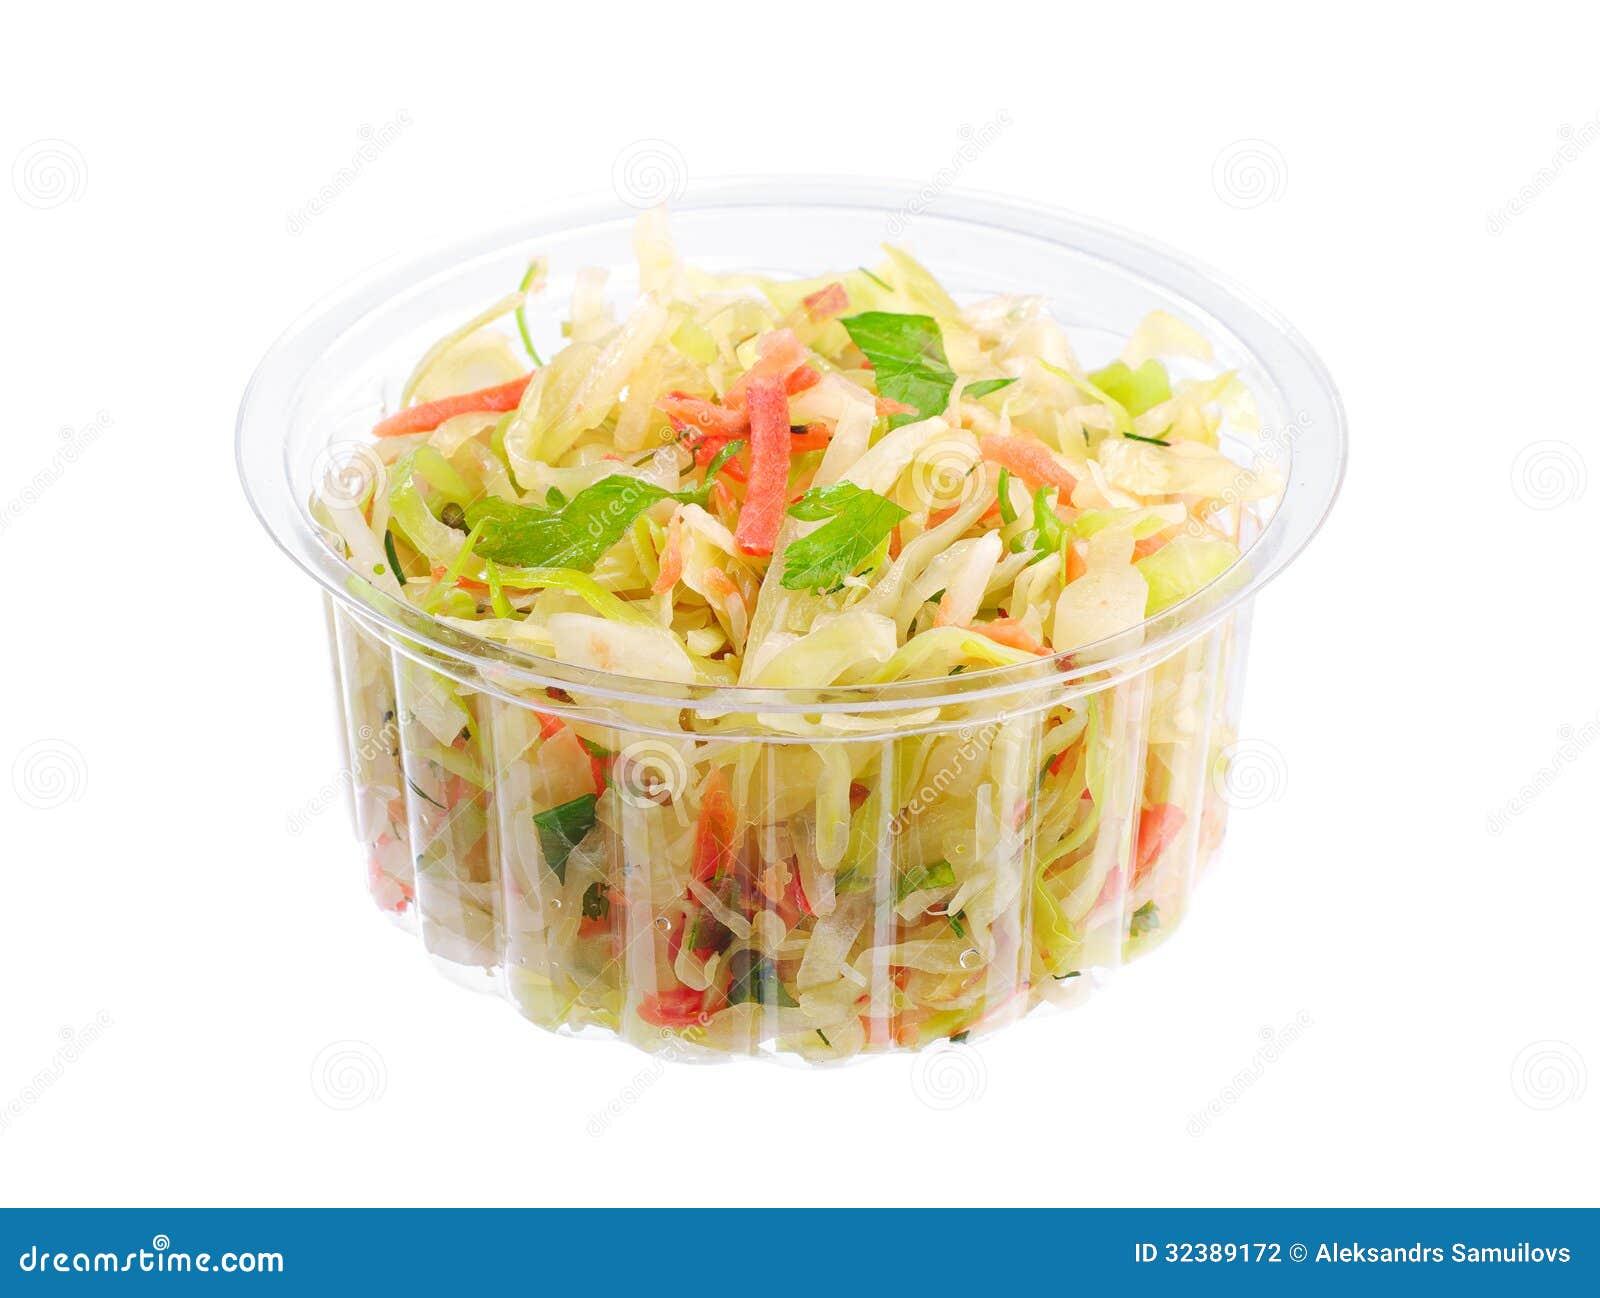 在塑料封装的凉拌卷心菜